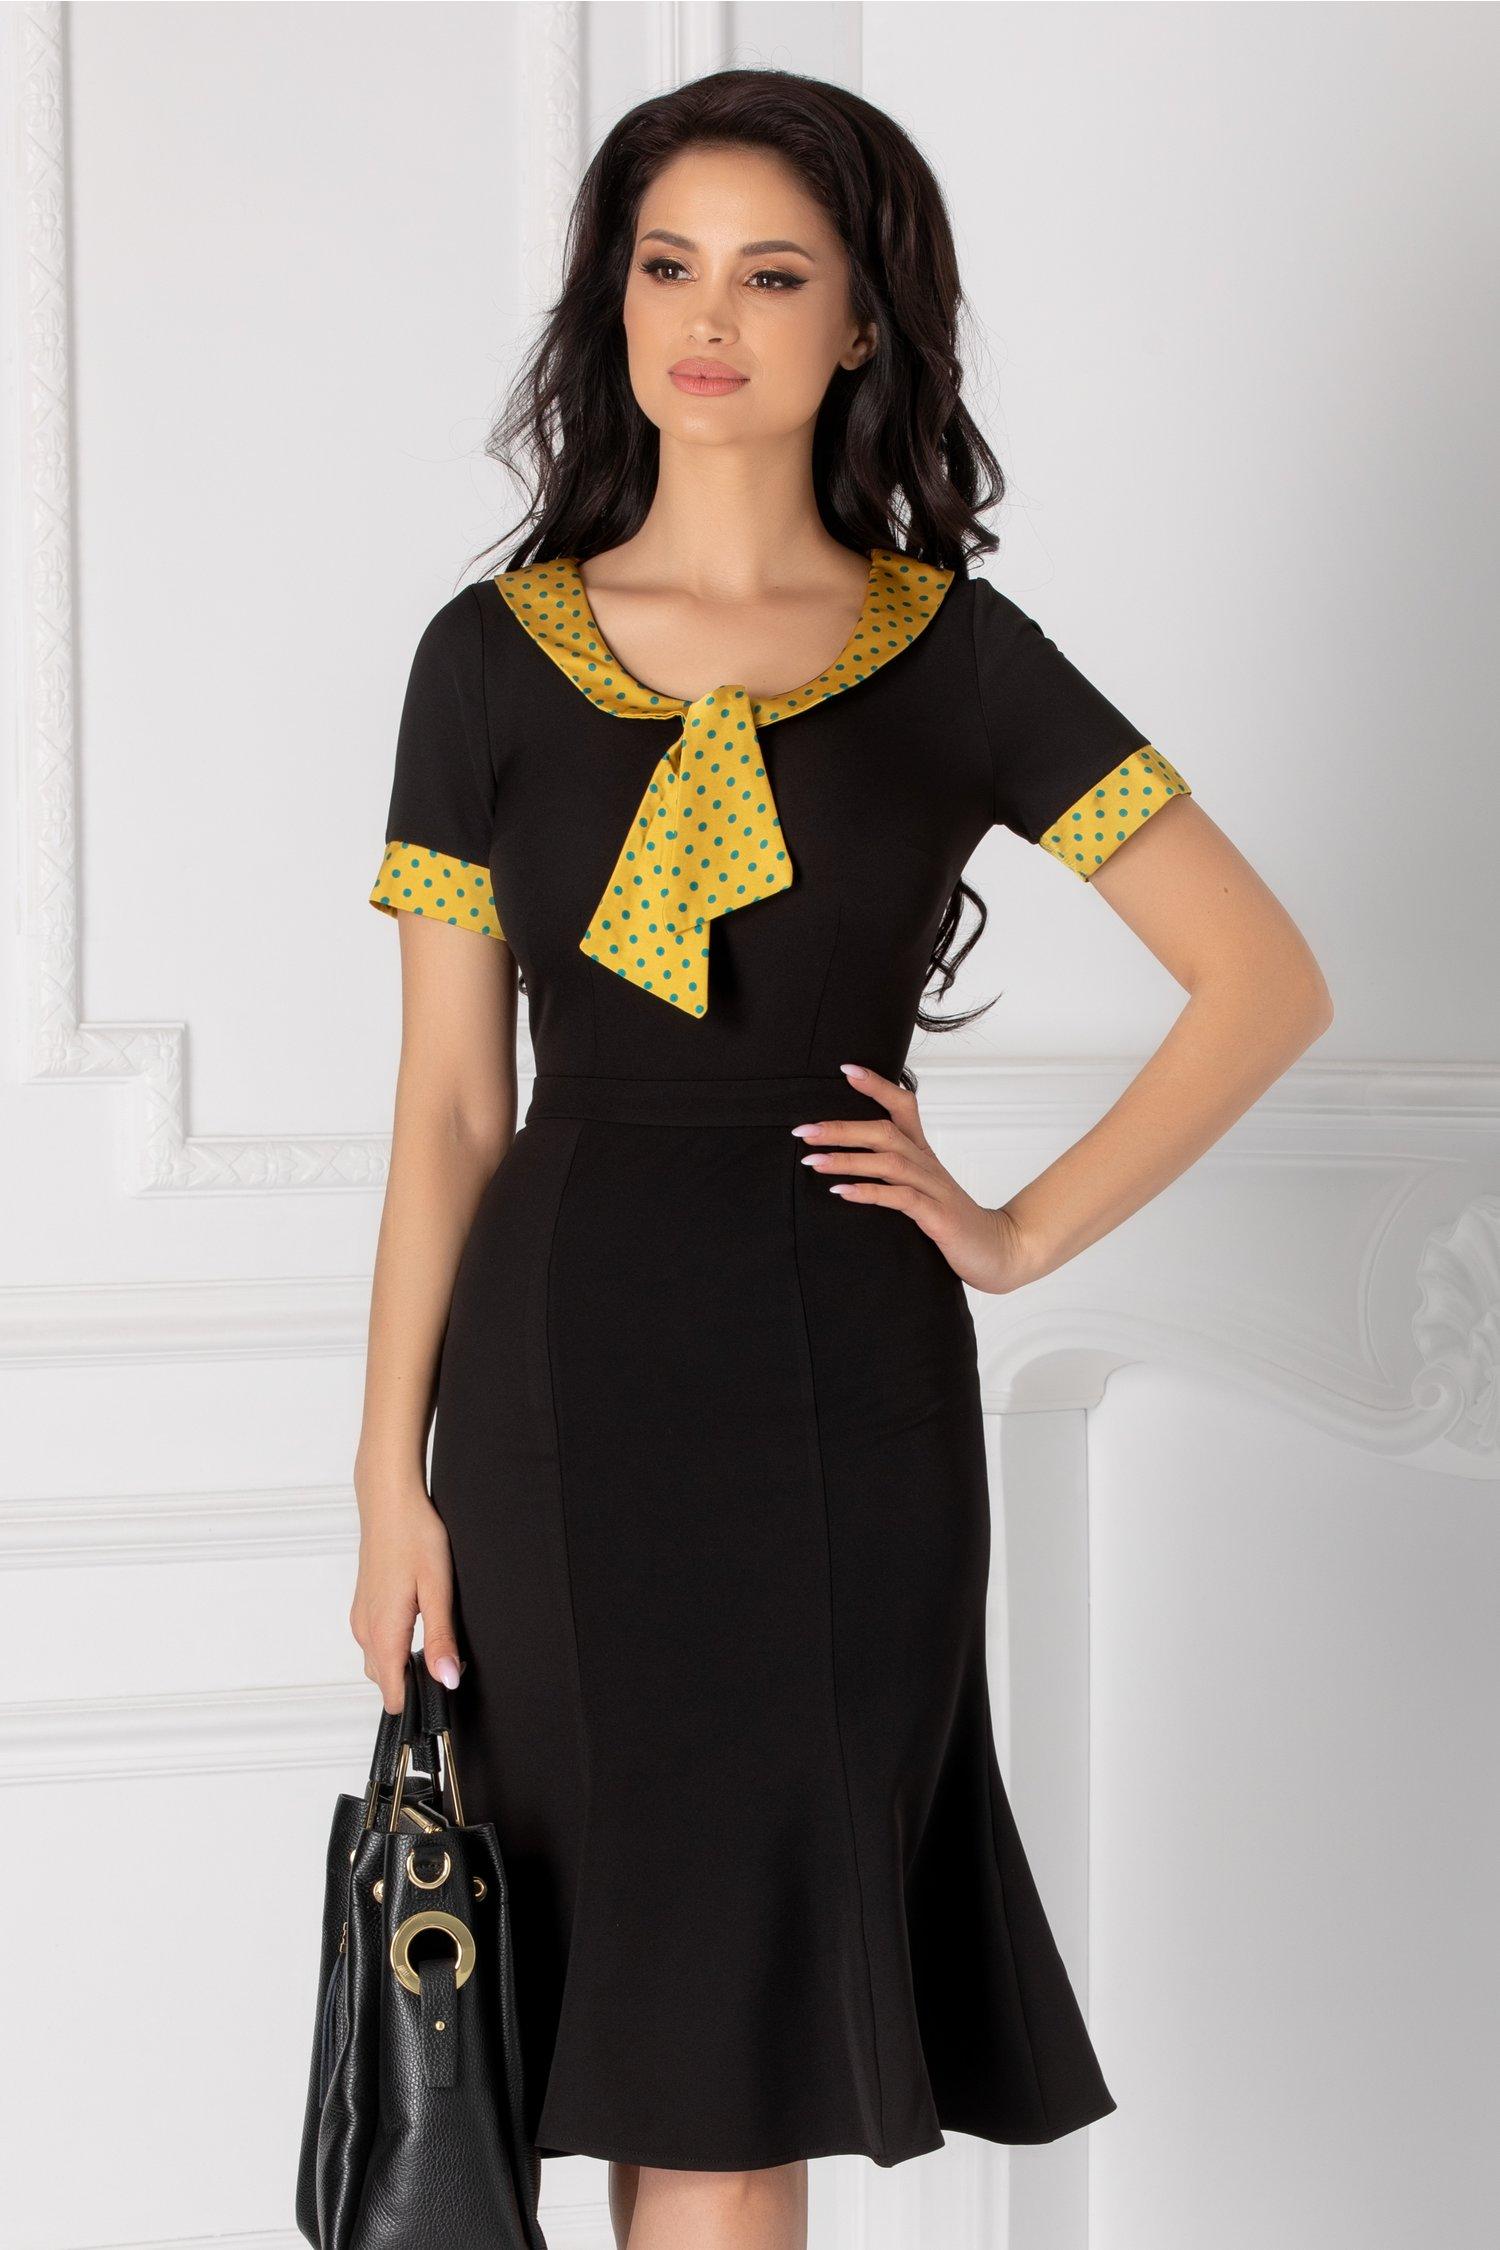 Rochia Natalia neagra cu guler si mansete galbene cu buline turcoaz